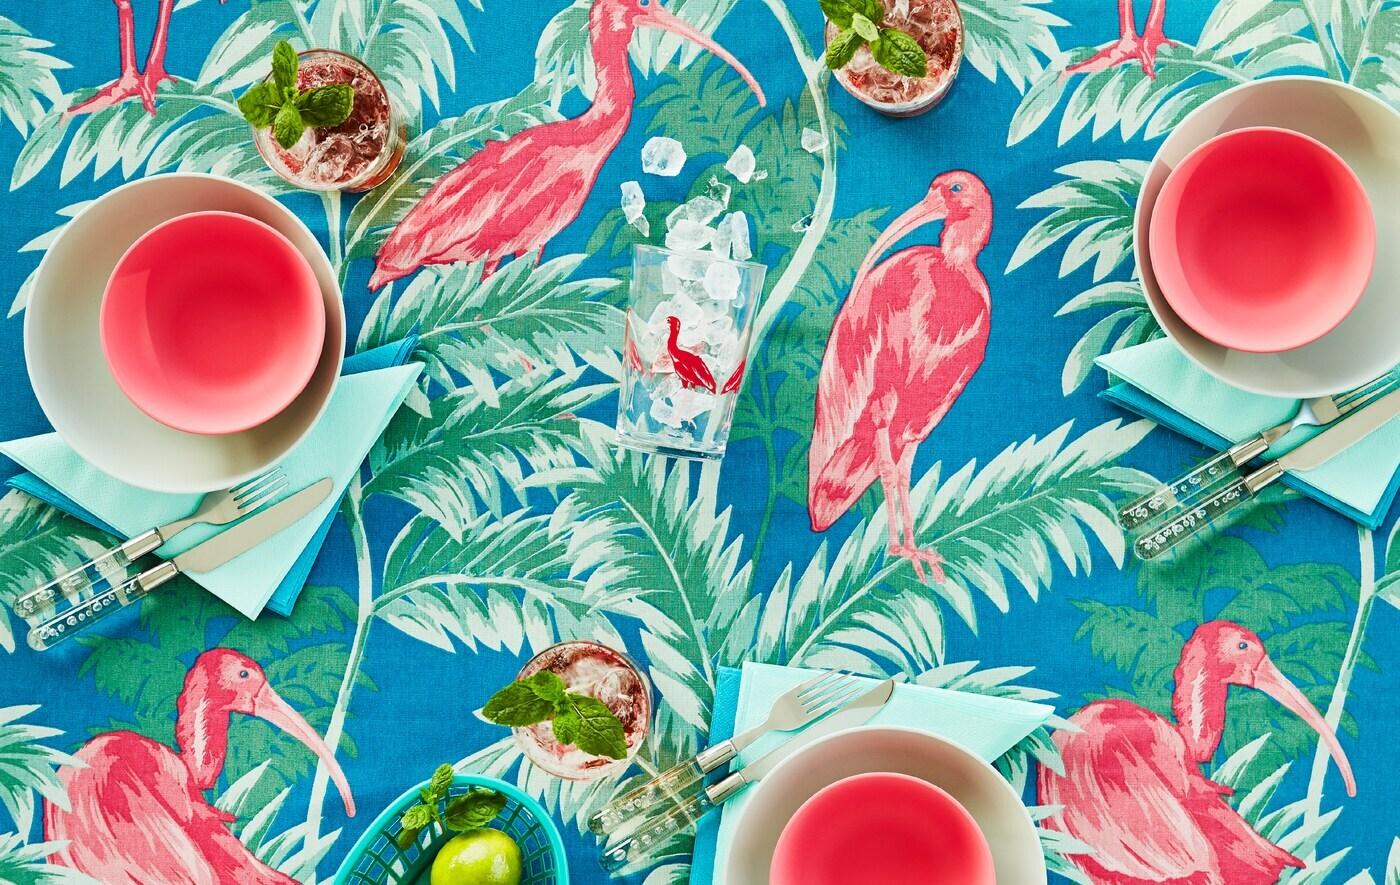 Un plateau de table avec une nappe en tissu aux motifs tropicaux colorés en rose, vert et bleu. Une vaisselle assortie est posée sur la table.